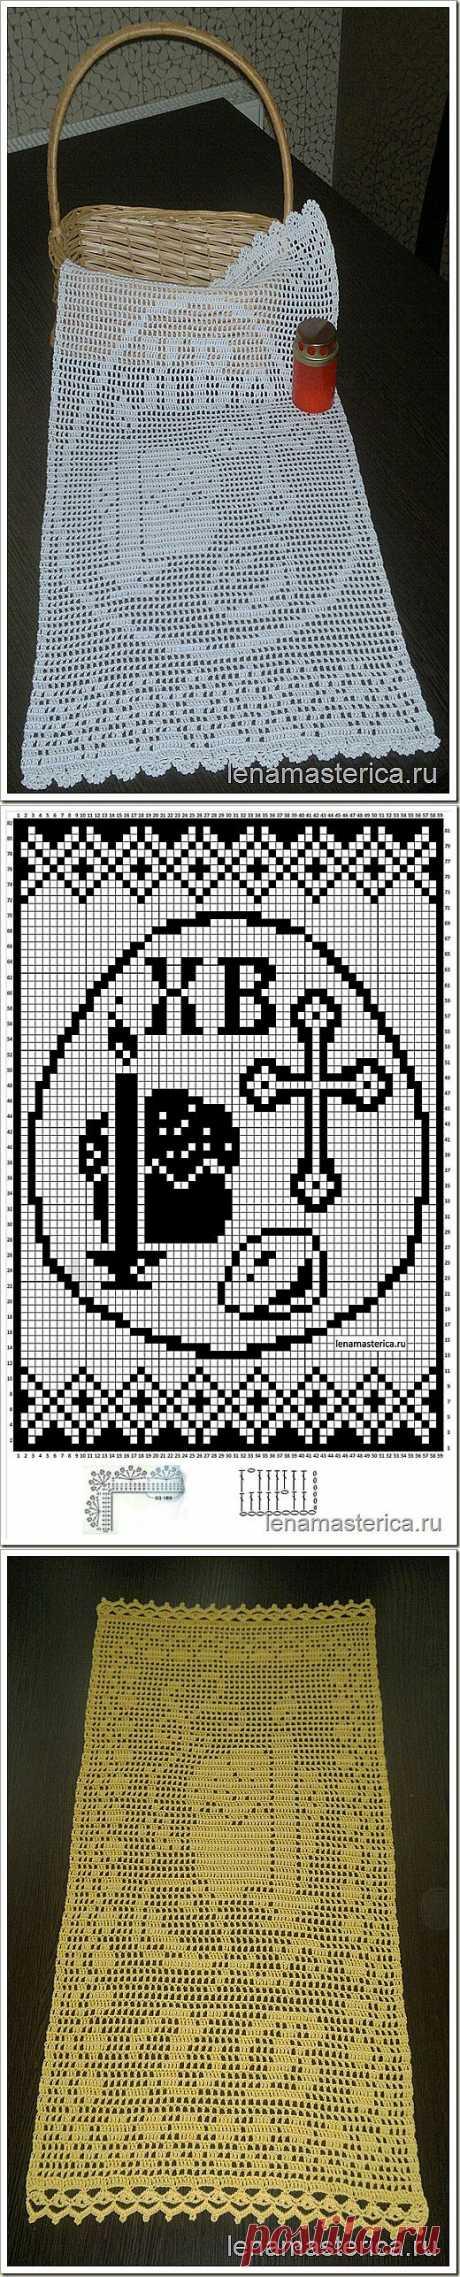 """Пасхальное полотенце-салфетка """"Христос Воскрес"""", схема"""